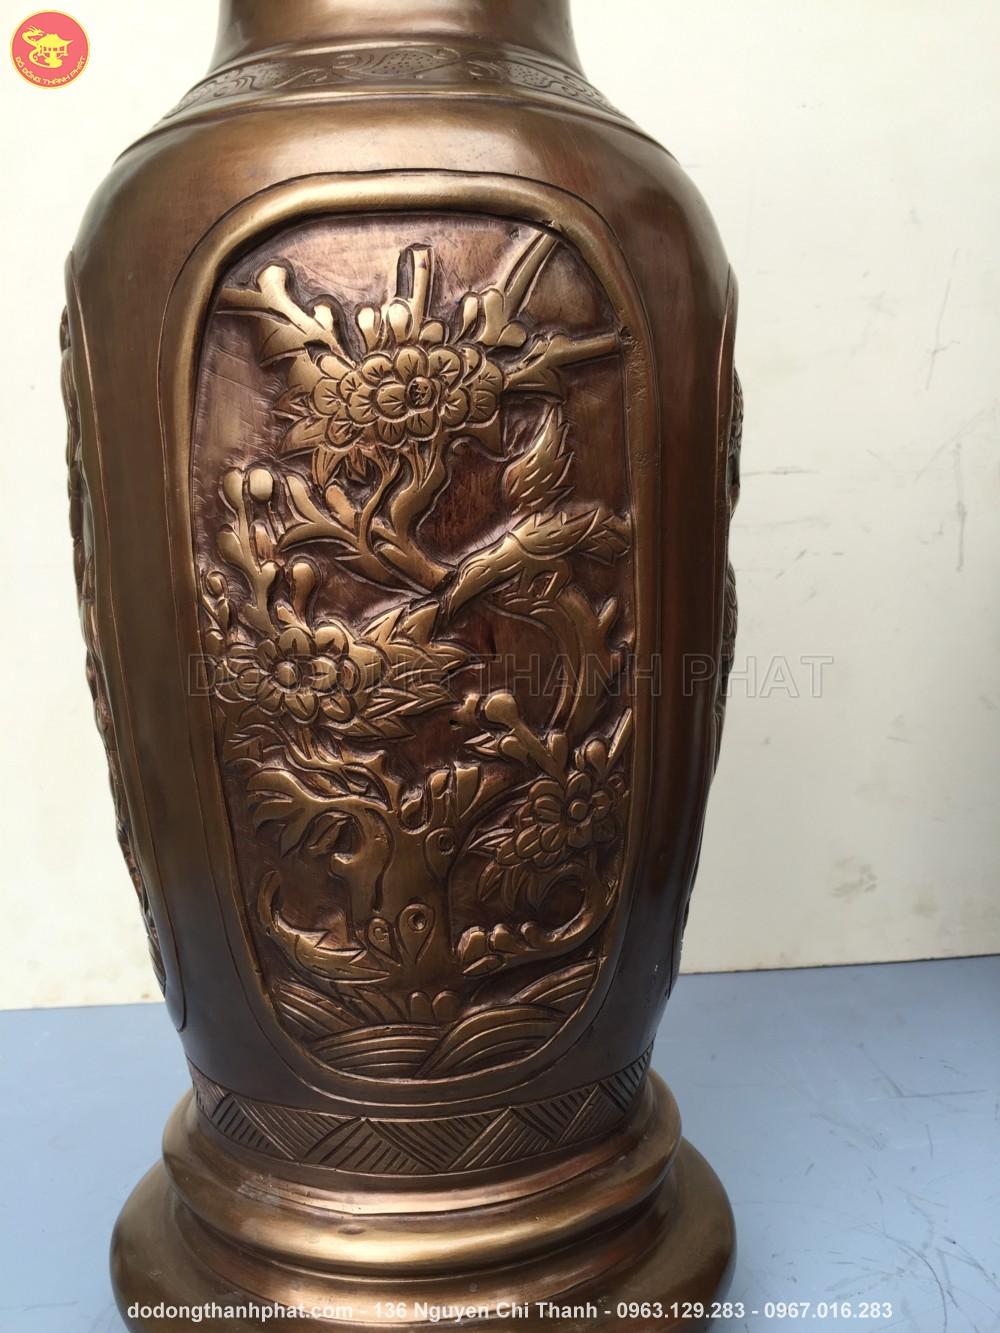 Lọ hoa tứ quý Tùng Cúc Trúc Mai bằng đồng cao 55 cm